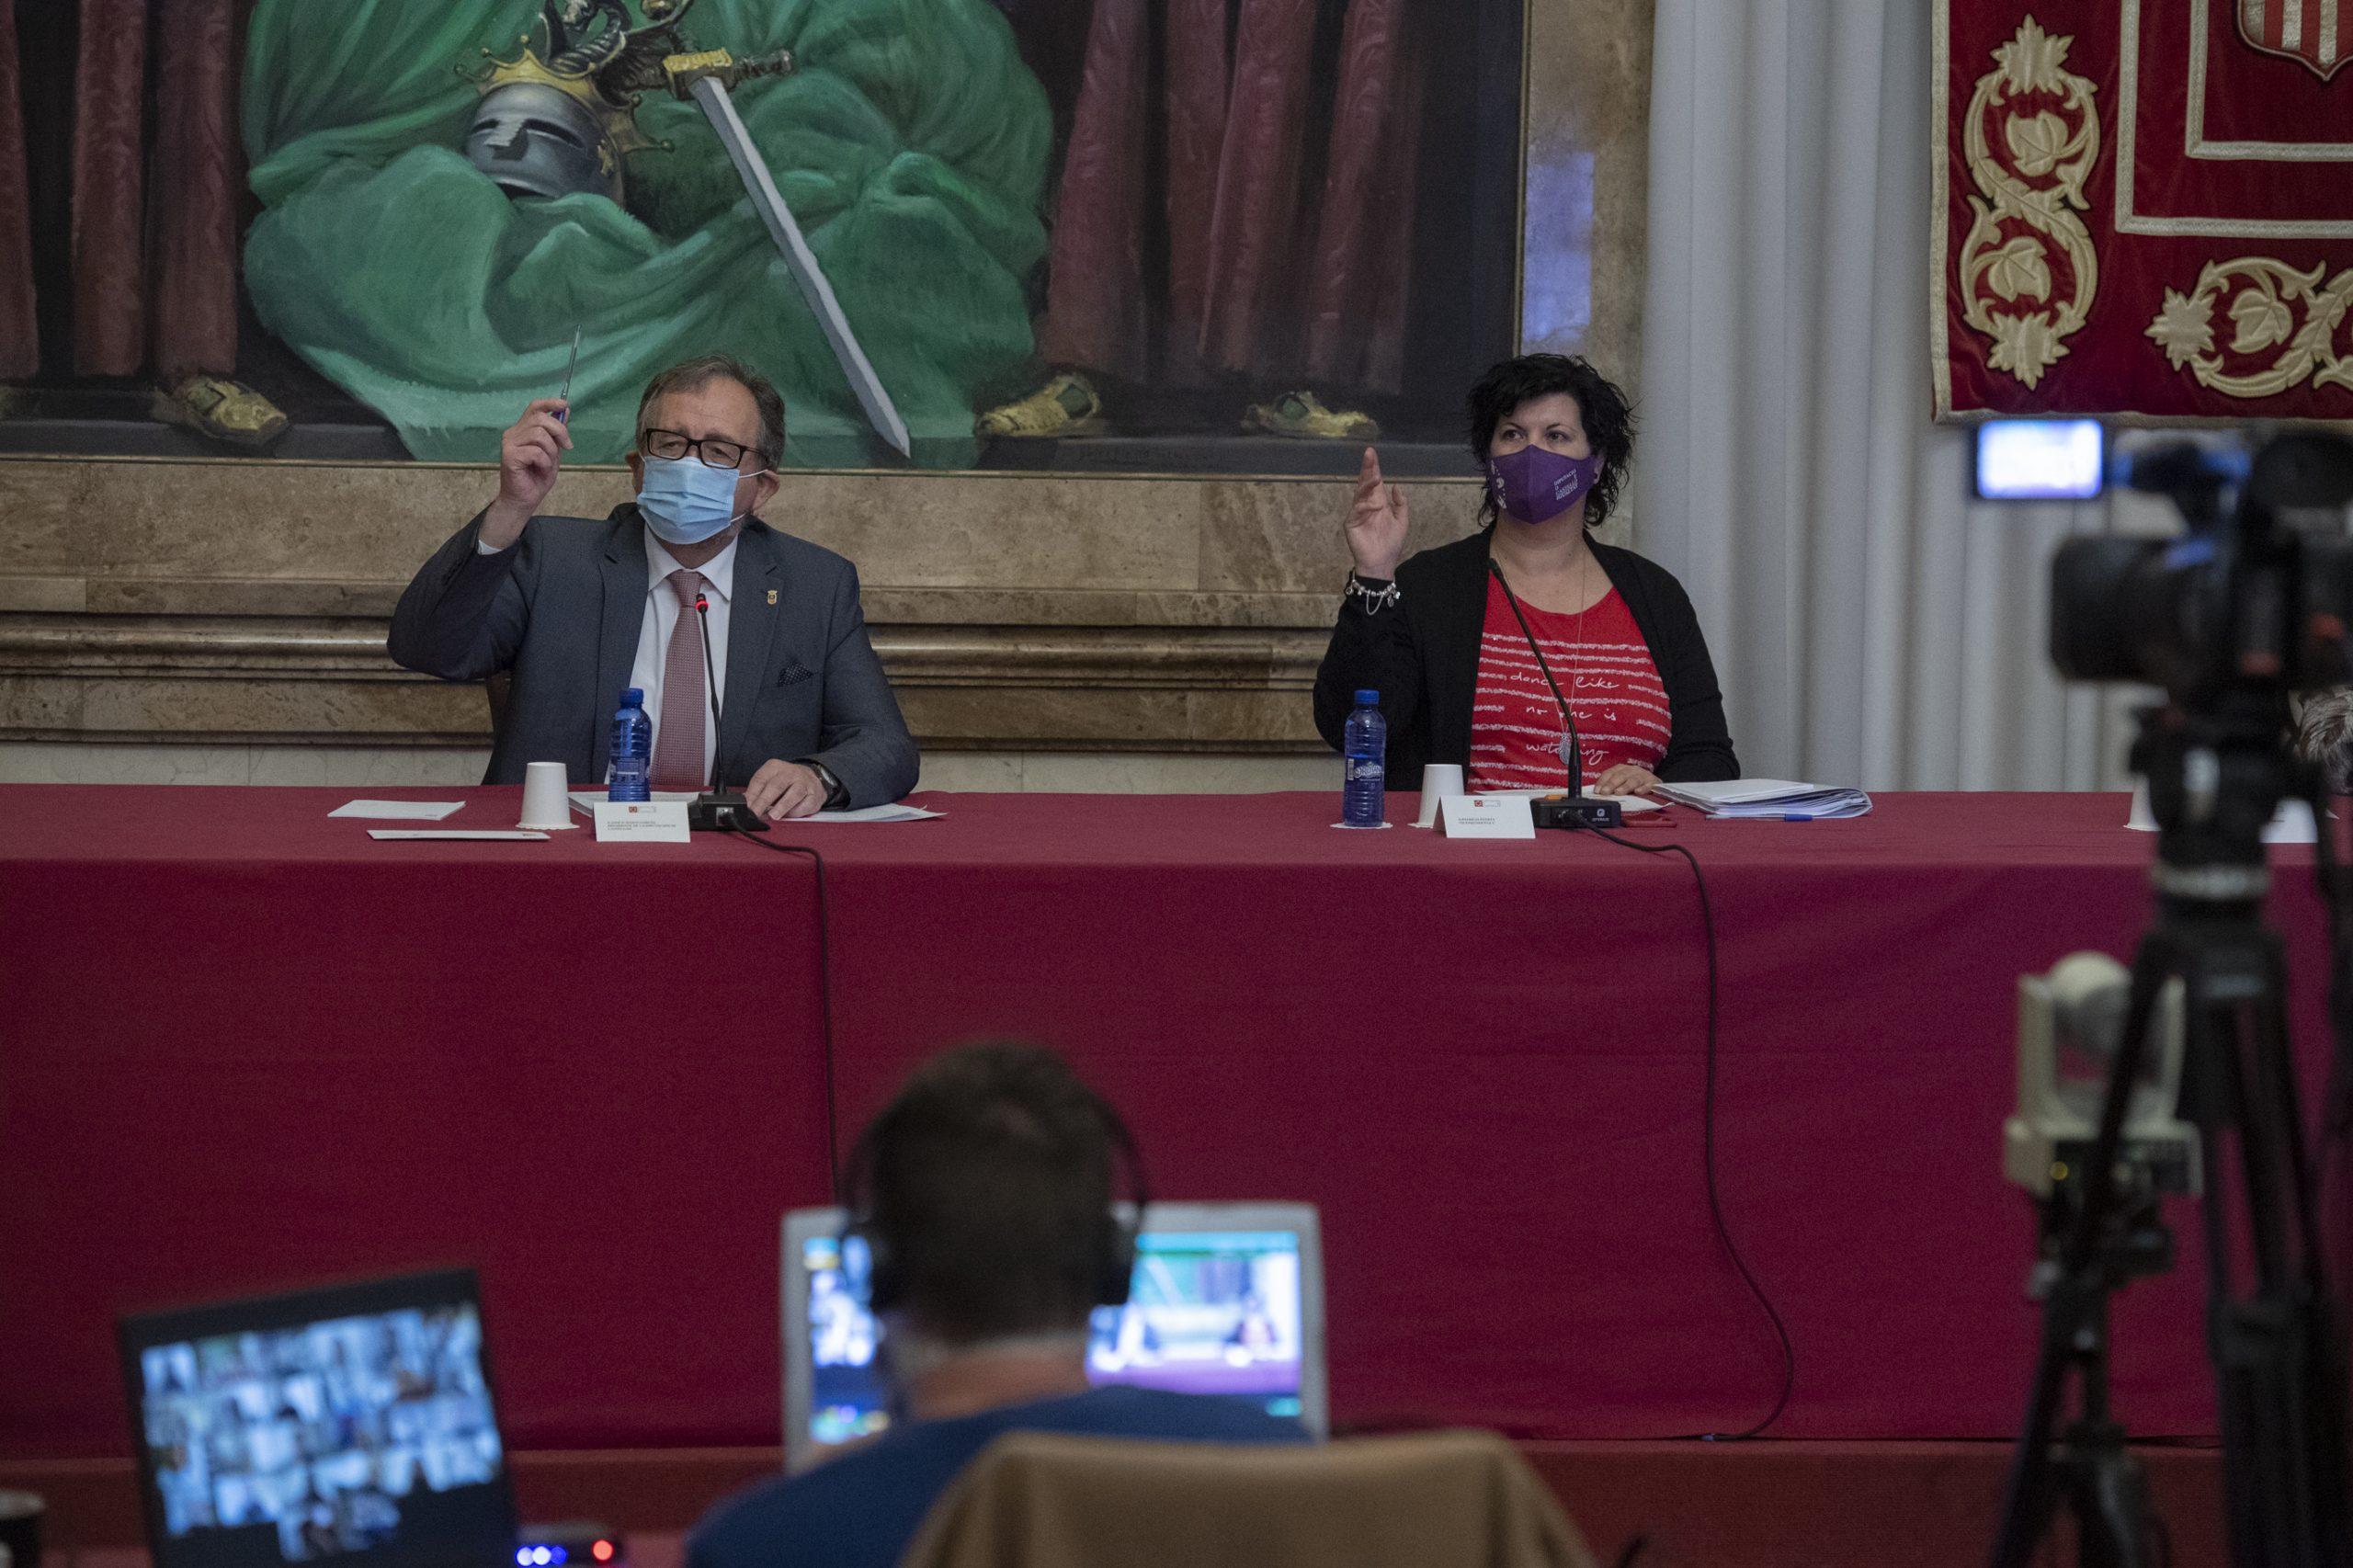 La Diputación de Castellón activa más de 25,2 millones de euros en ayudas para acelerar la reactivación económica y social de la provincia